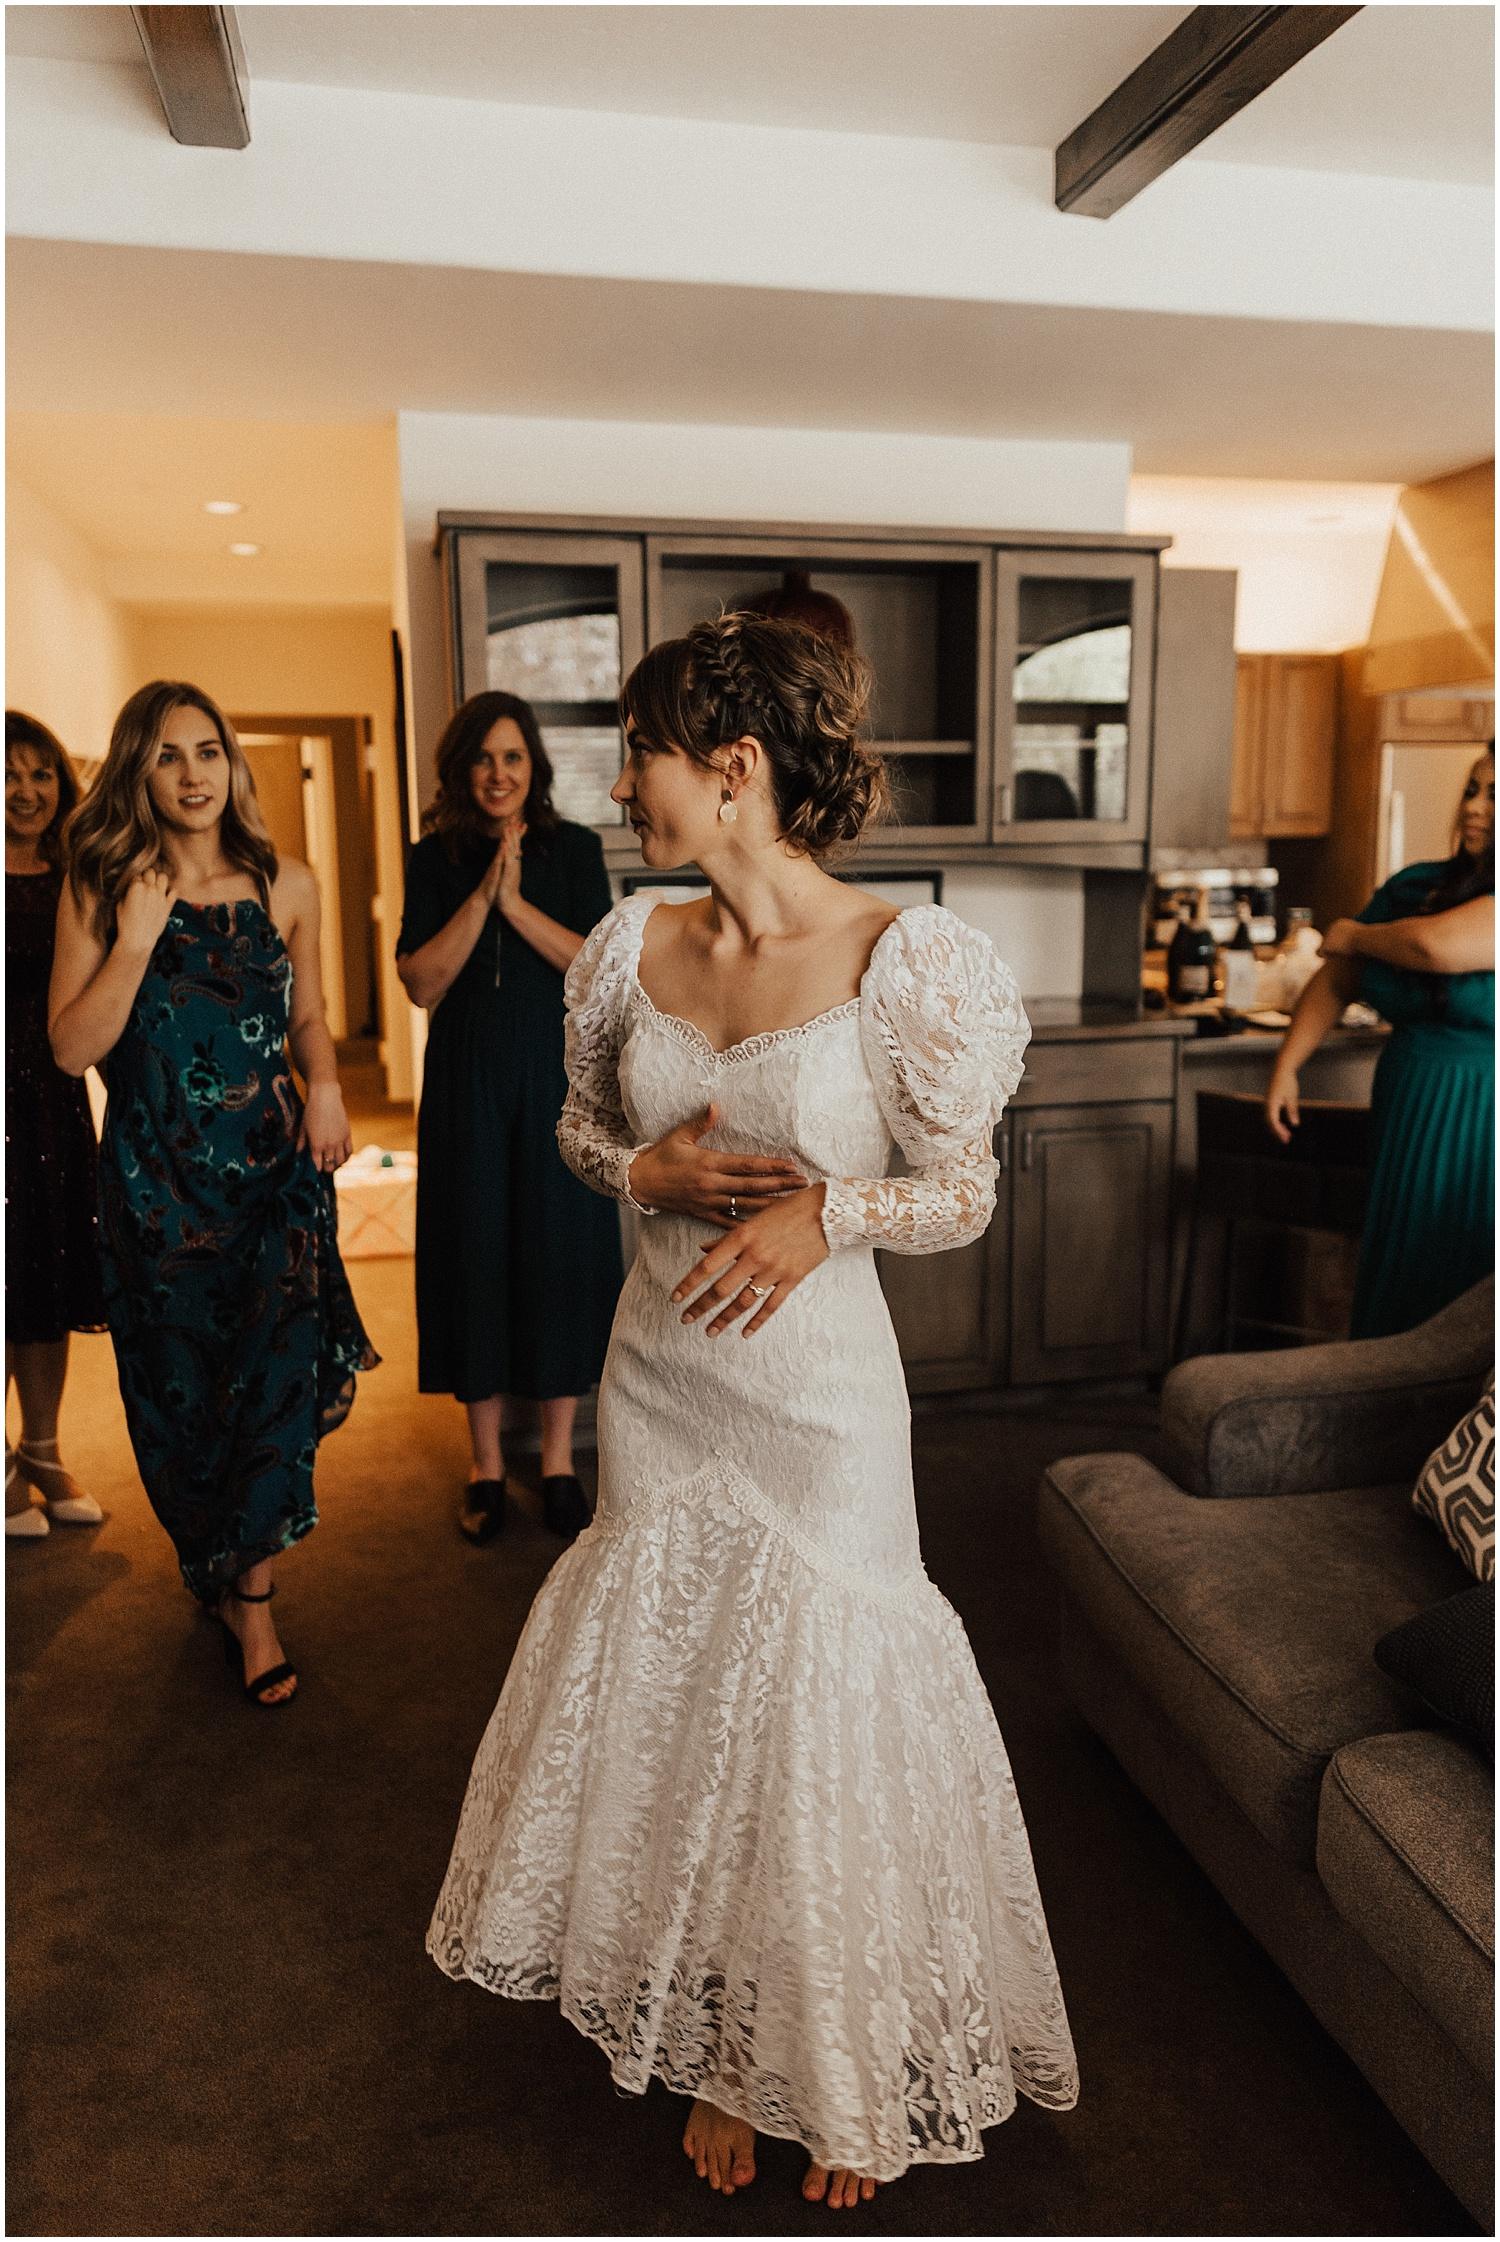 church-wedding-industrial-reception-sunvalley-idaho13.jpg